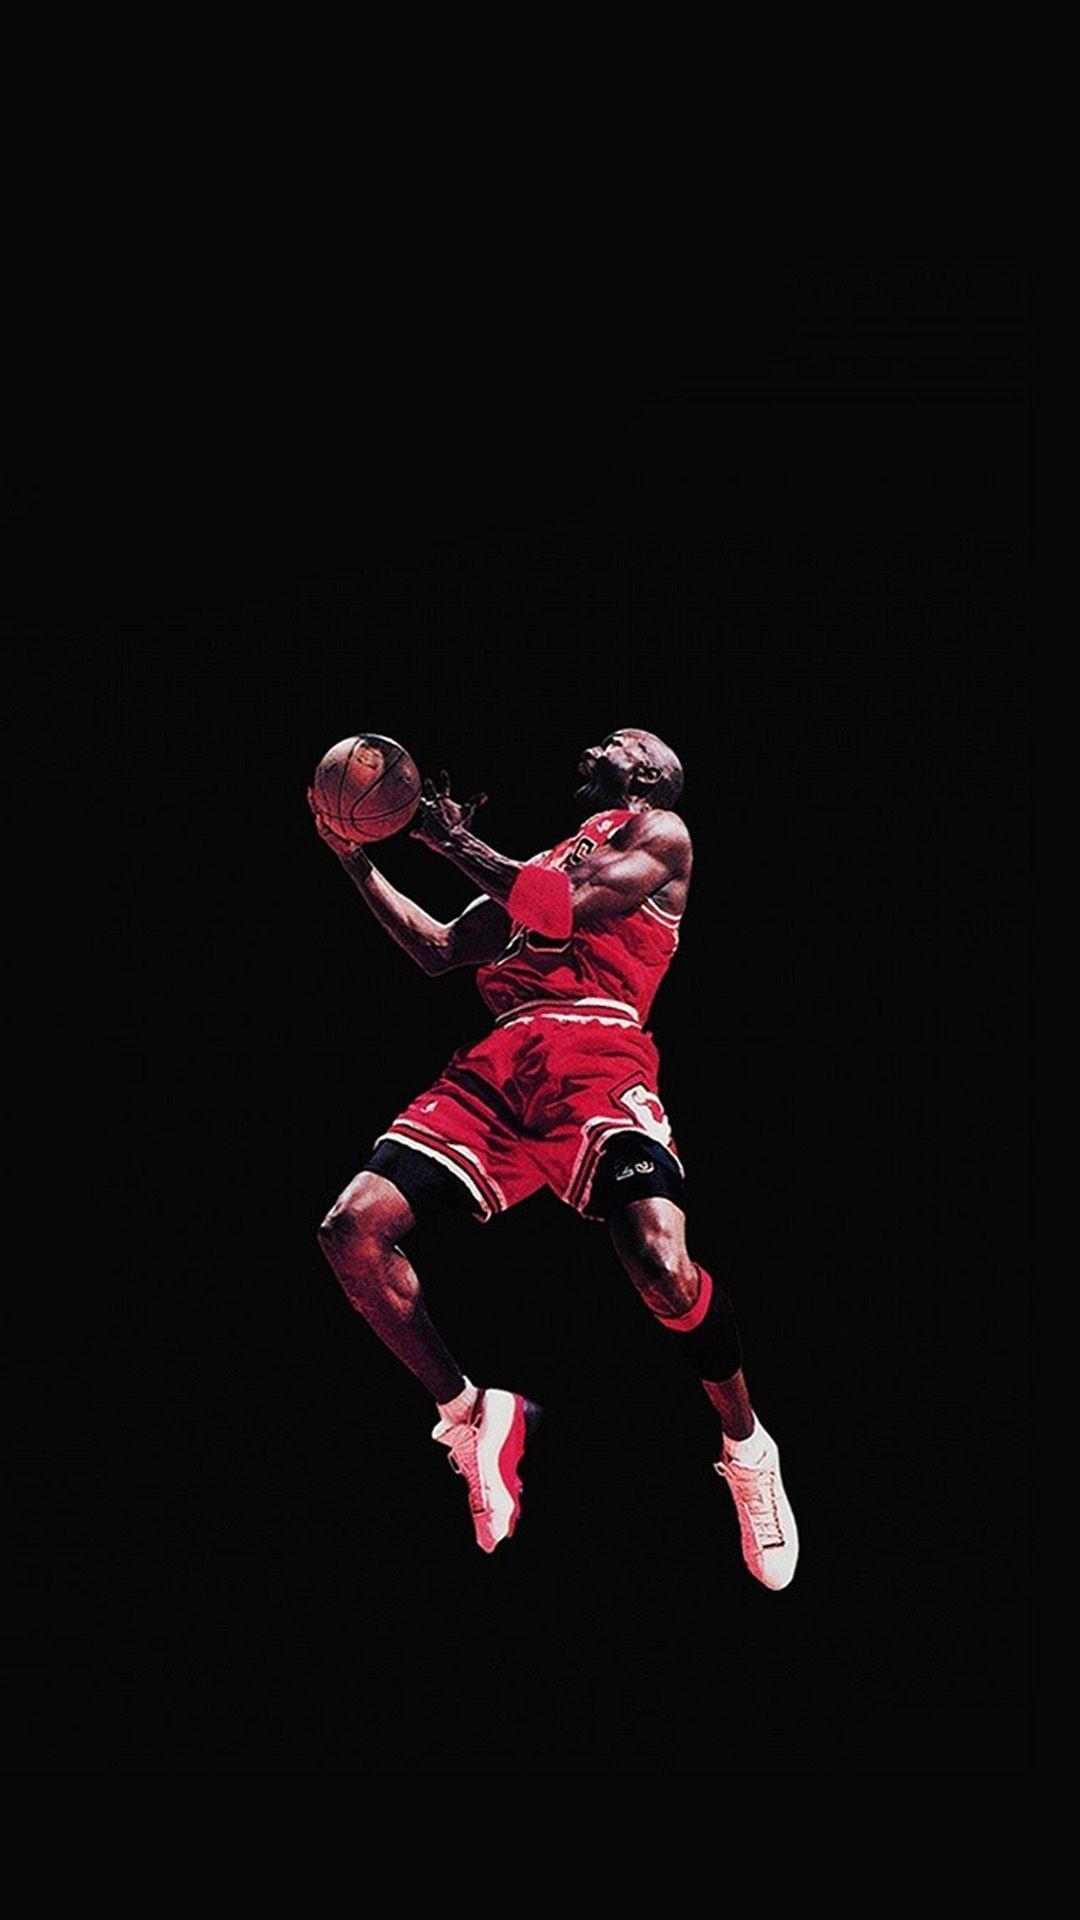 Air Jordan Wallpapers for Galaxy S5.jpg